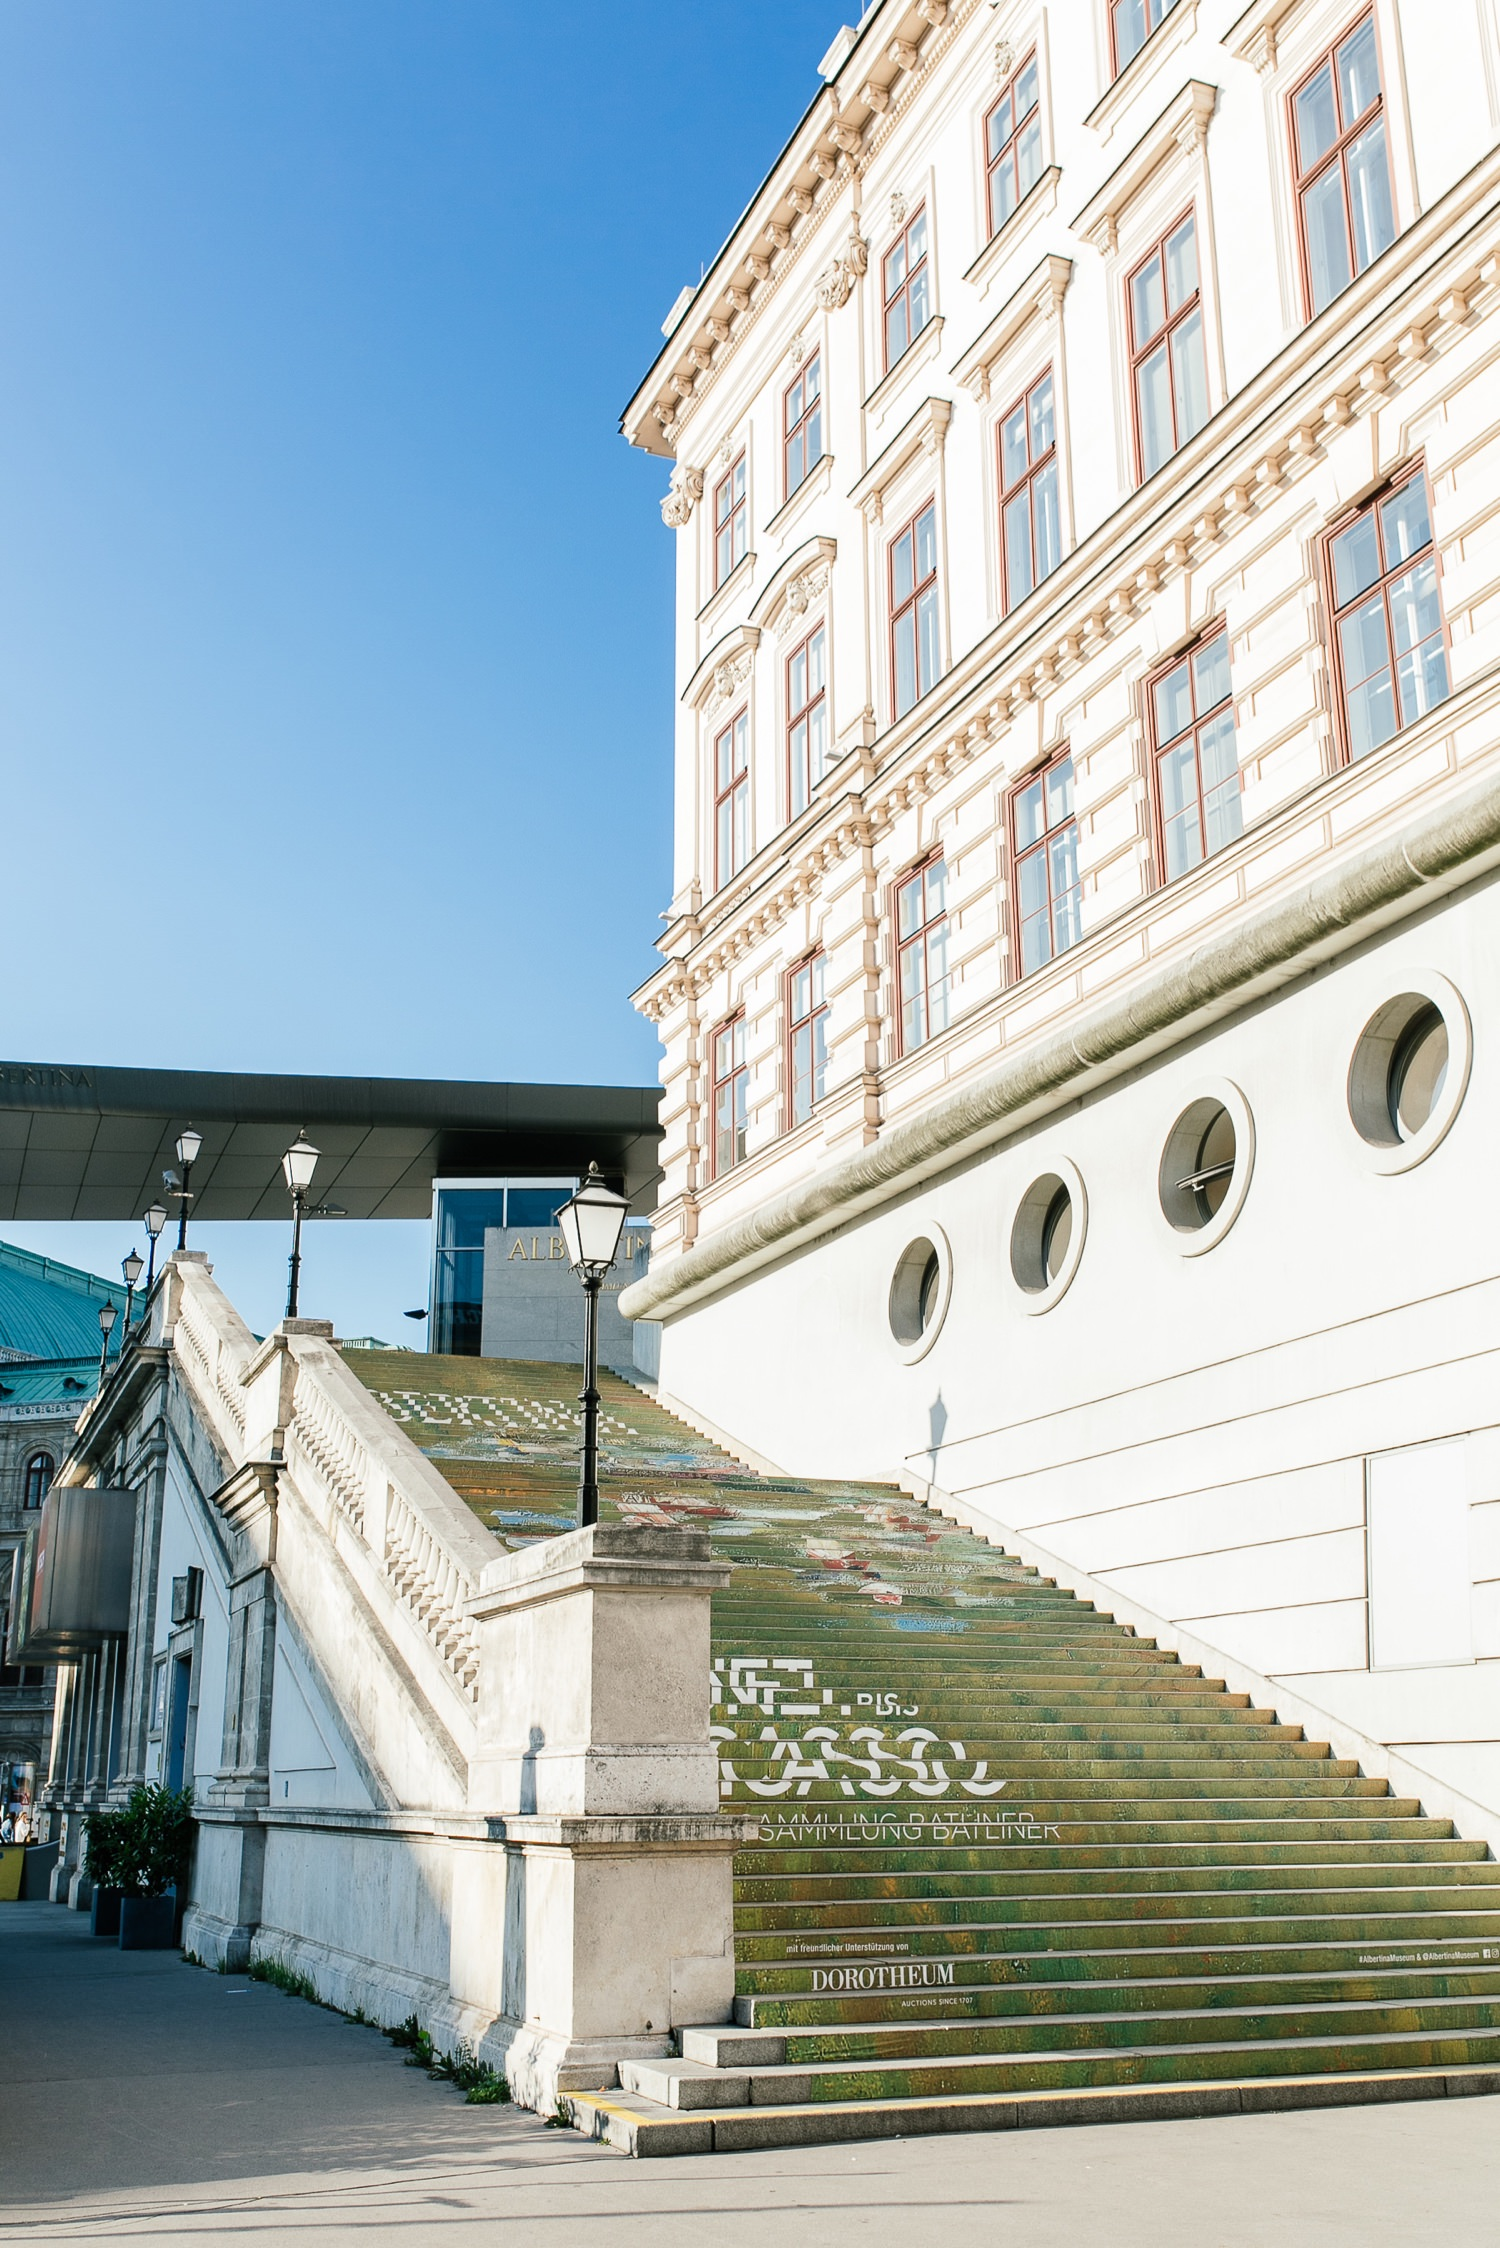 Hochzeitslocation in Wien - Albertina Museum